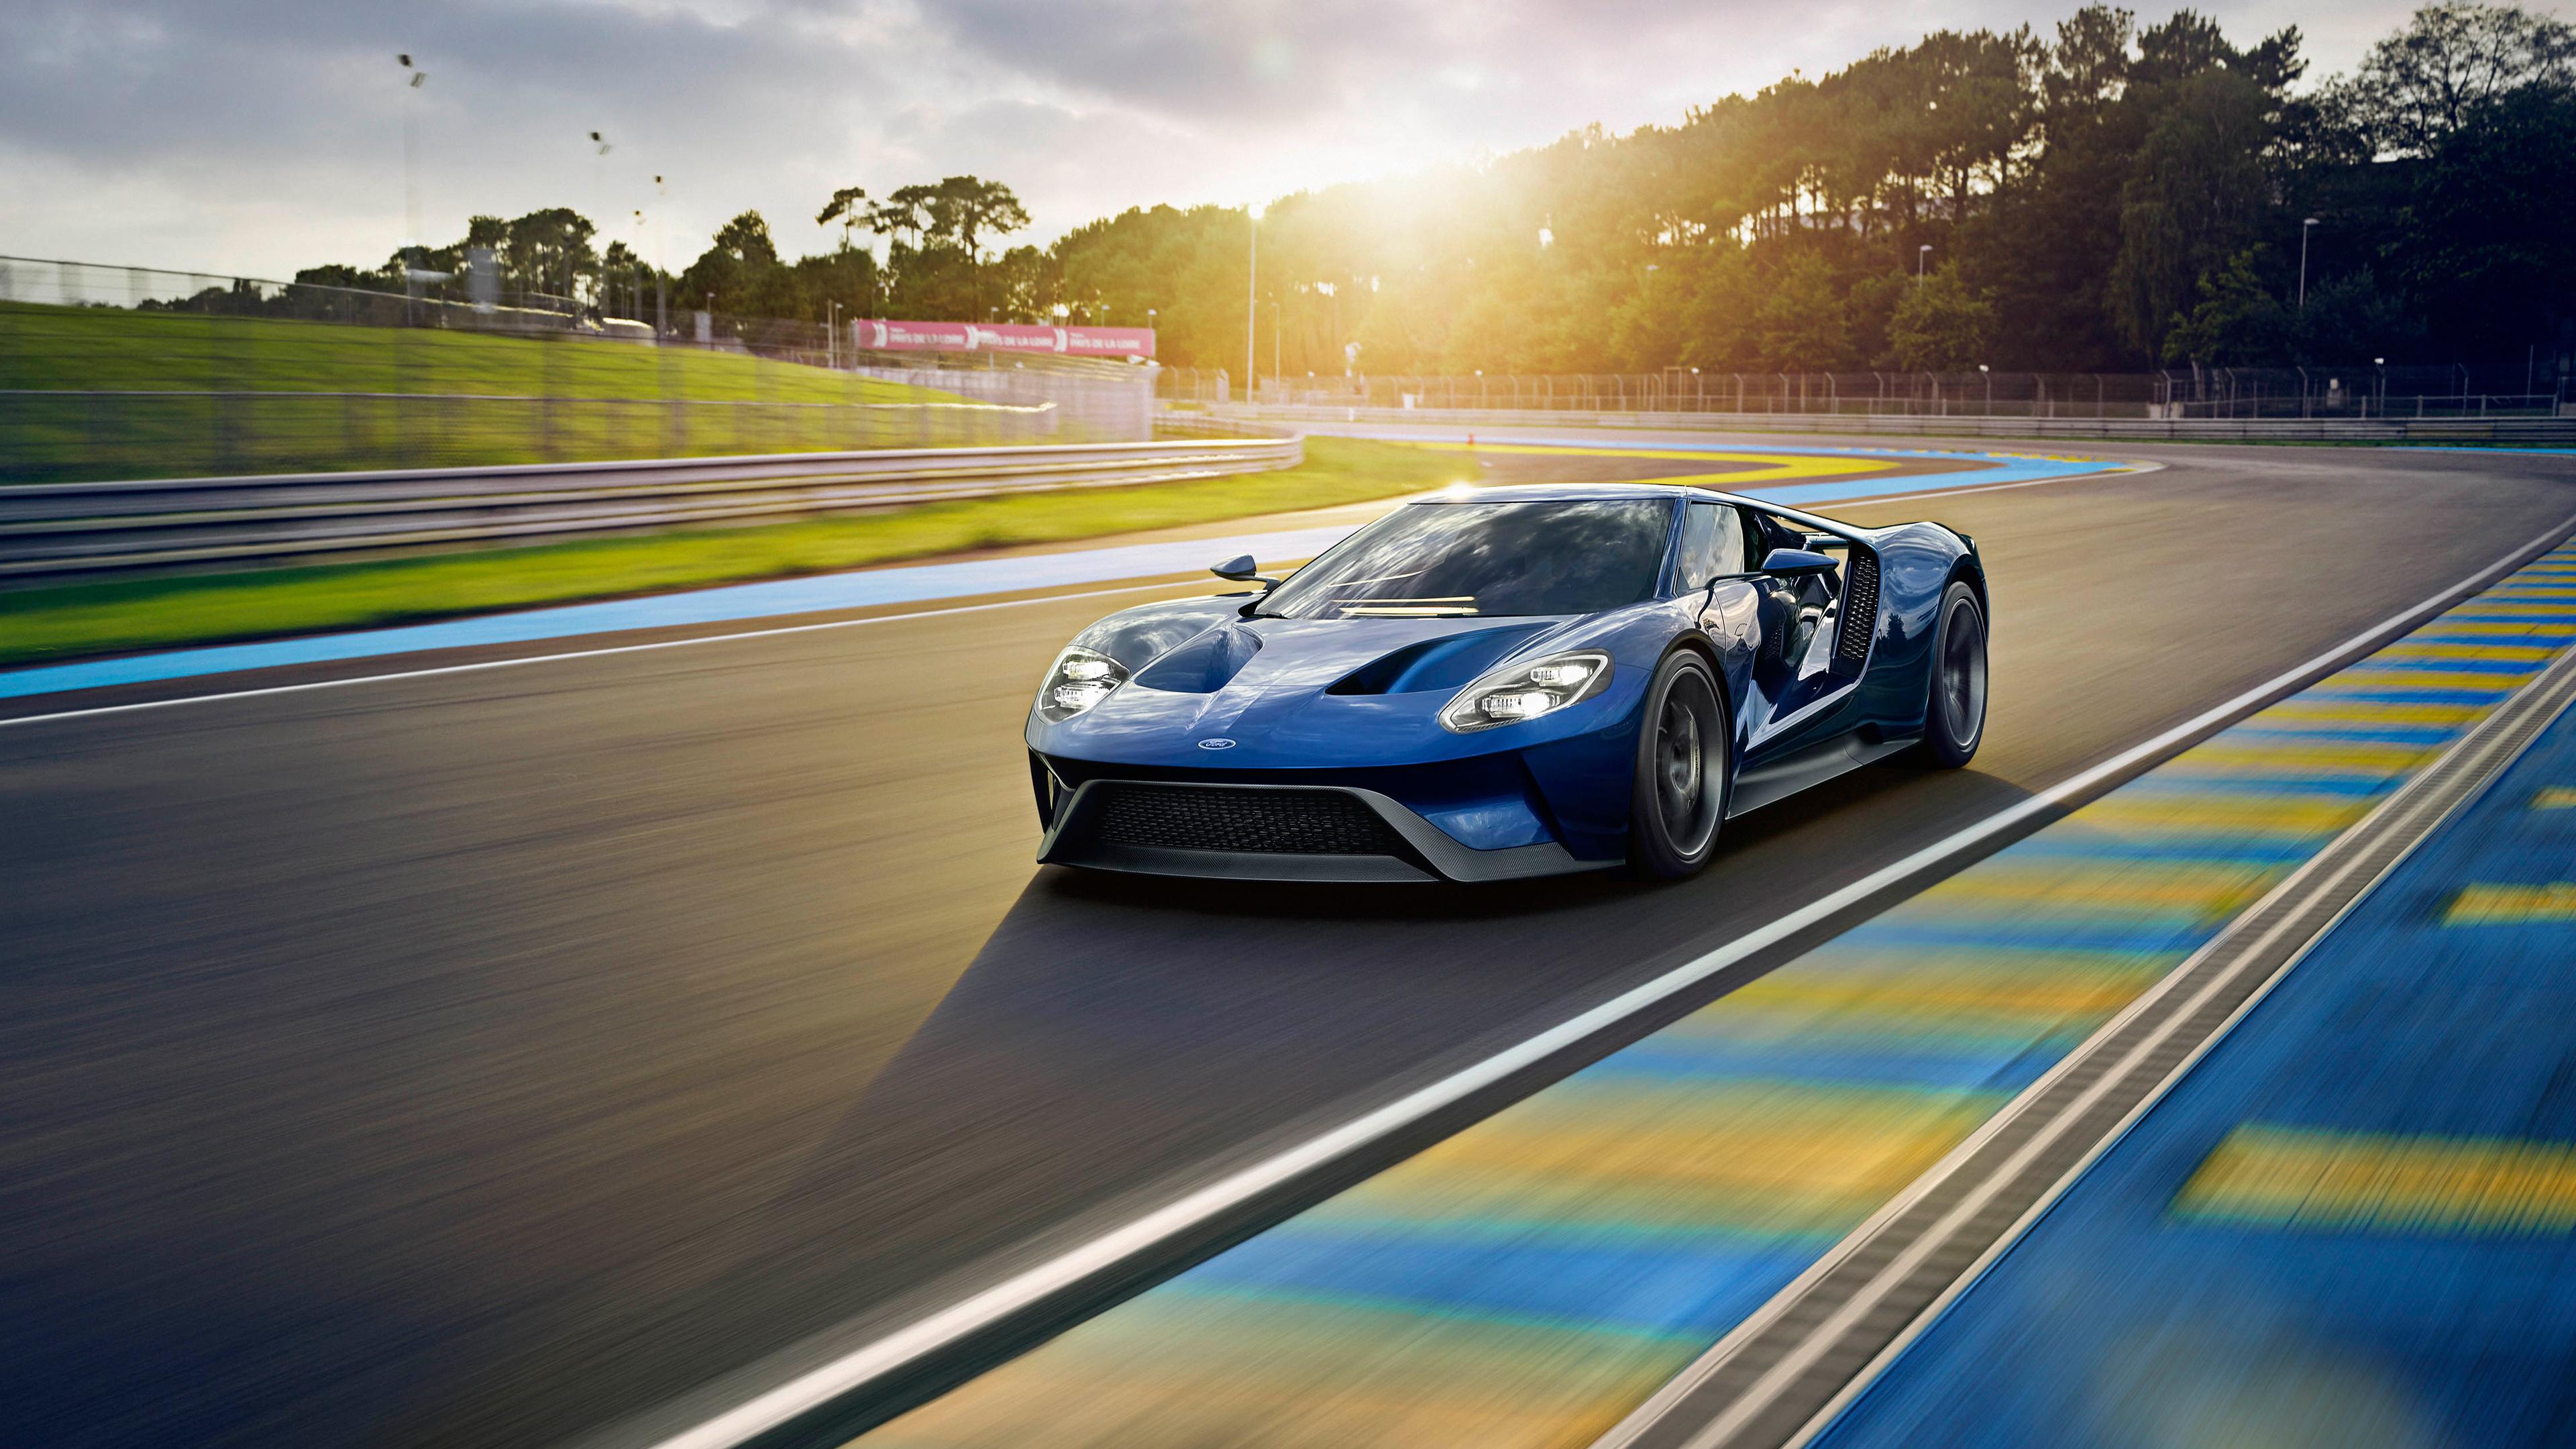 Блестящий спортивный мощный автомобиль мчится  по трассе с разделительными полосами